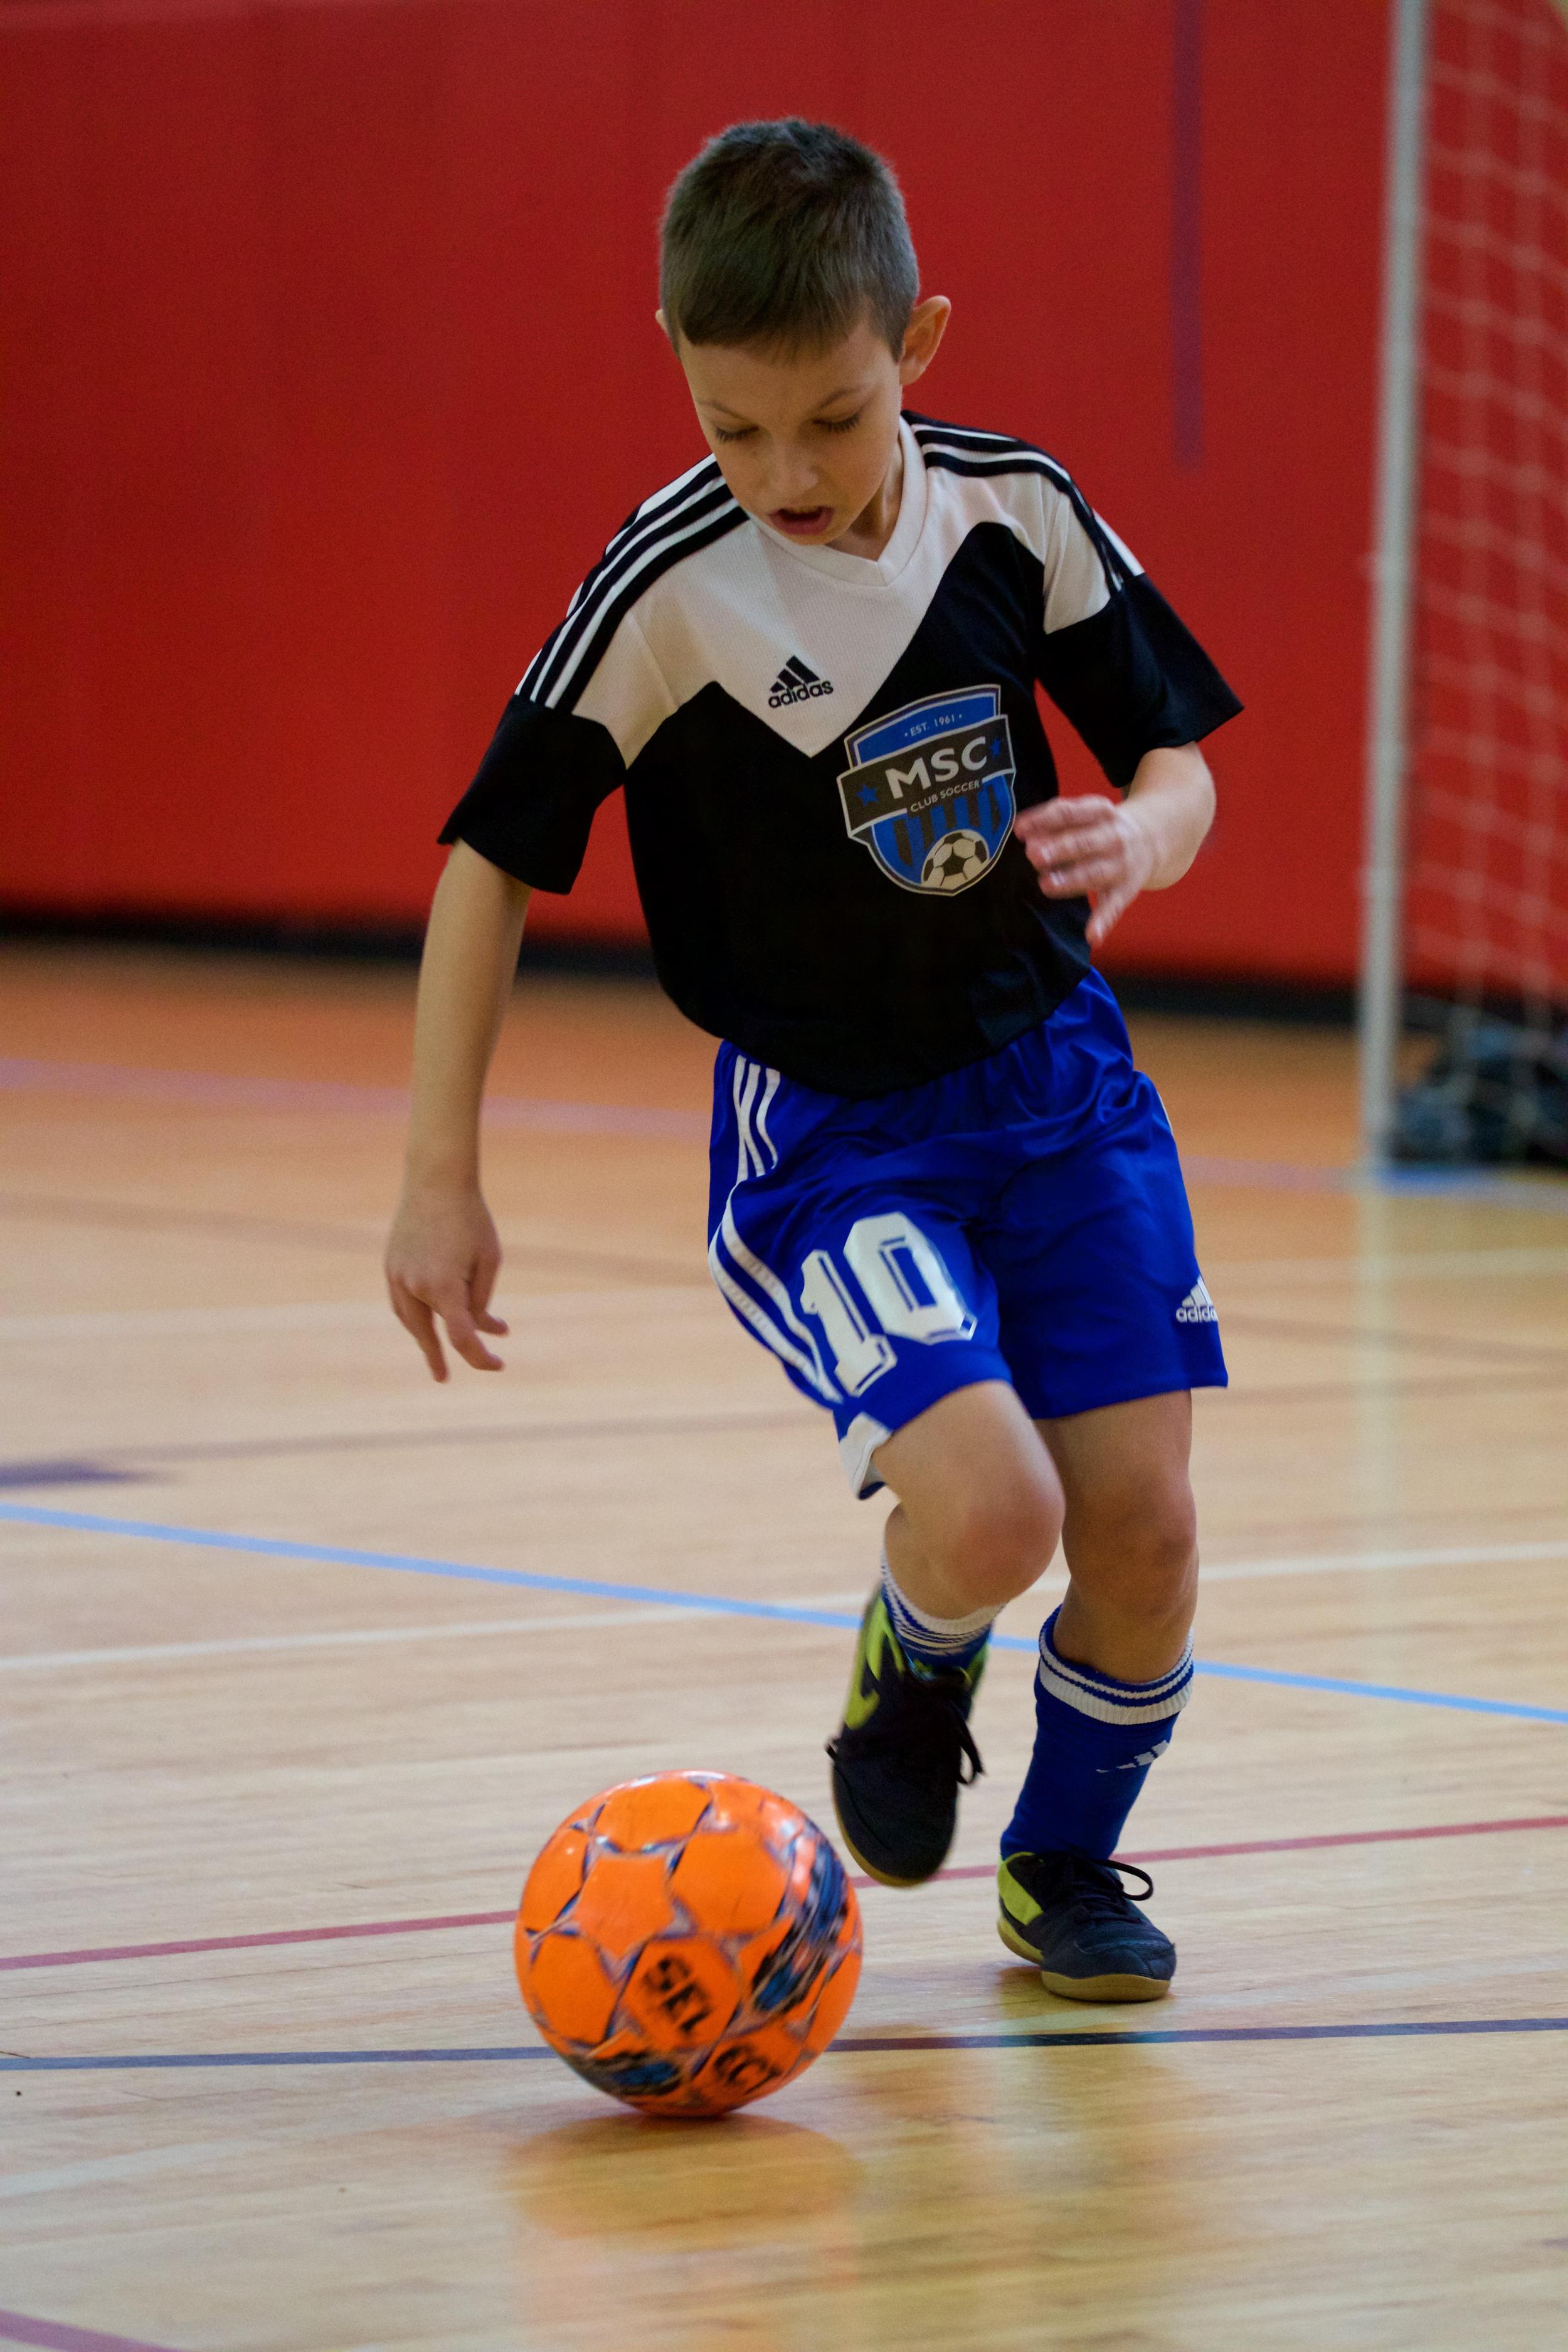 soccer 2 (18 of 31).jpg